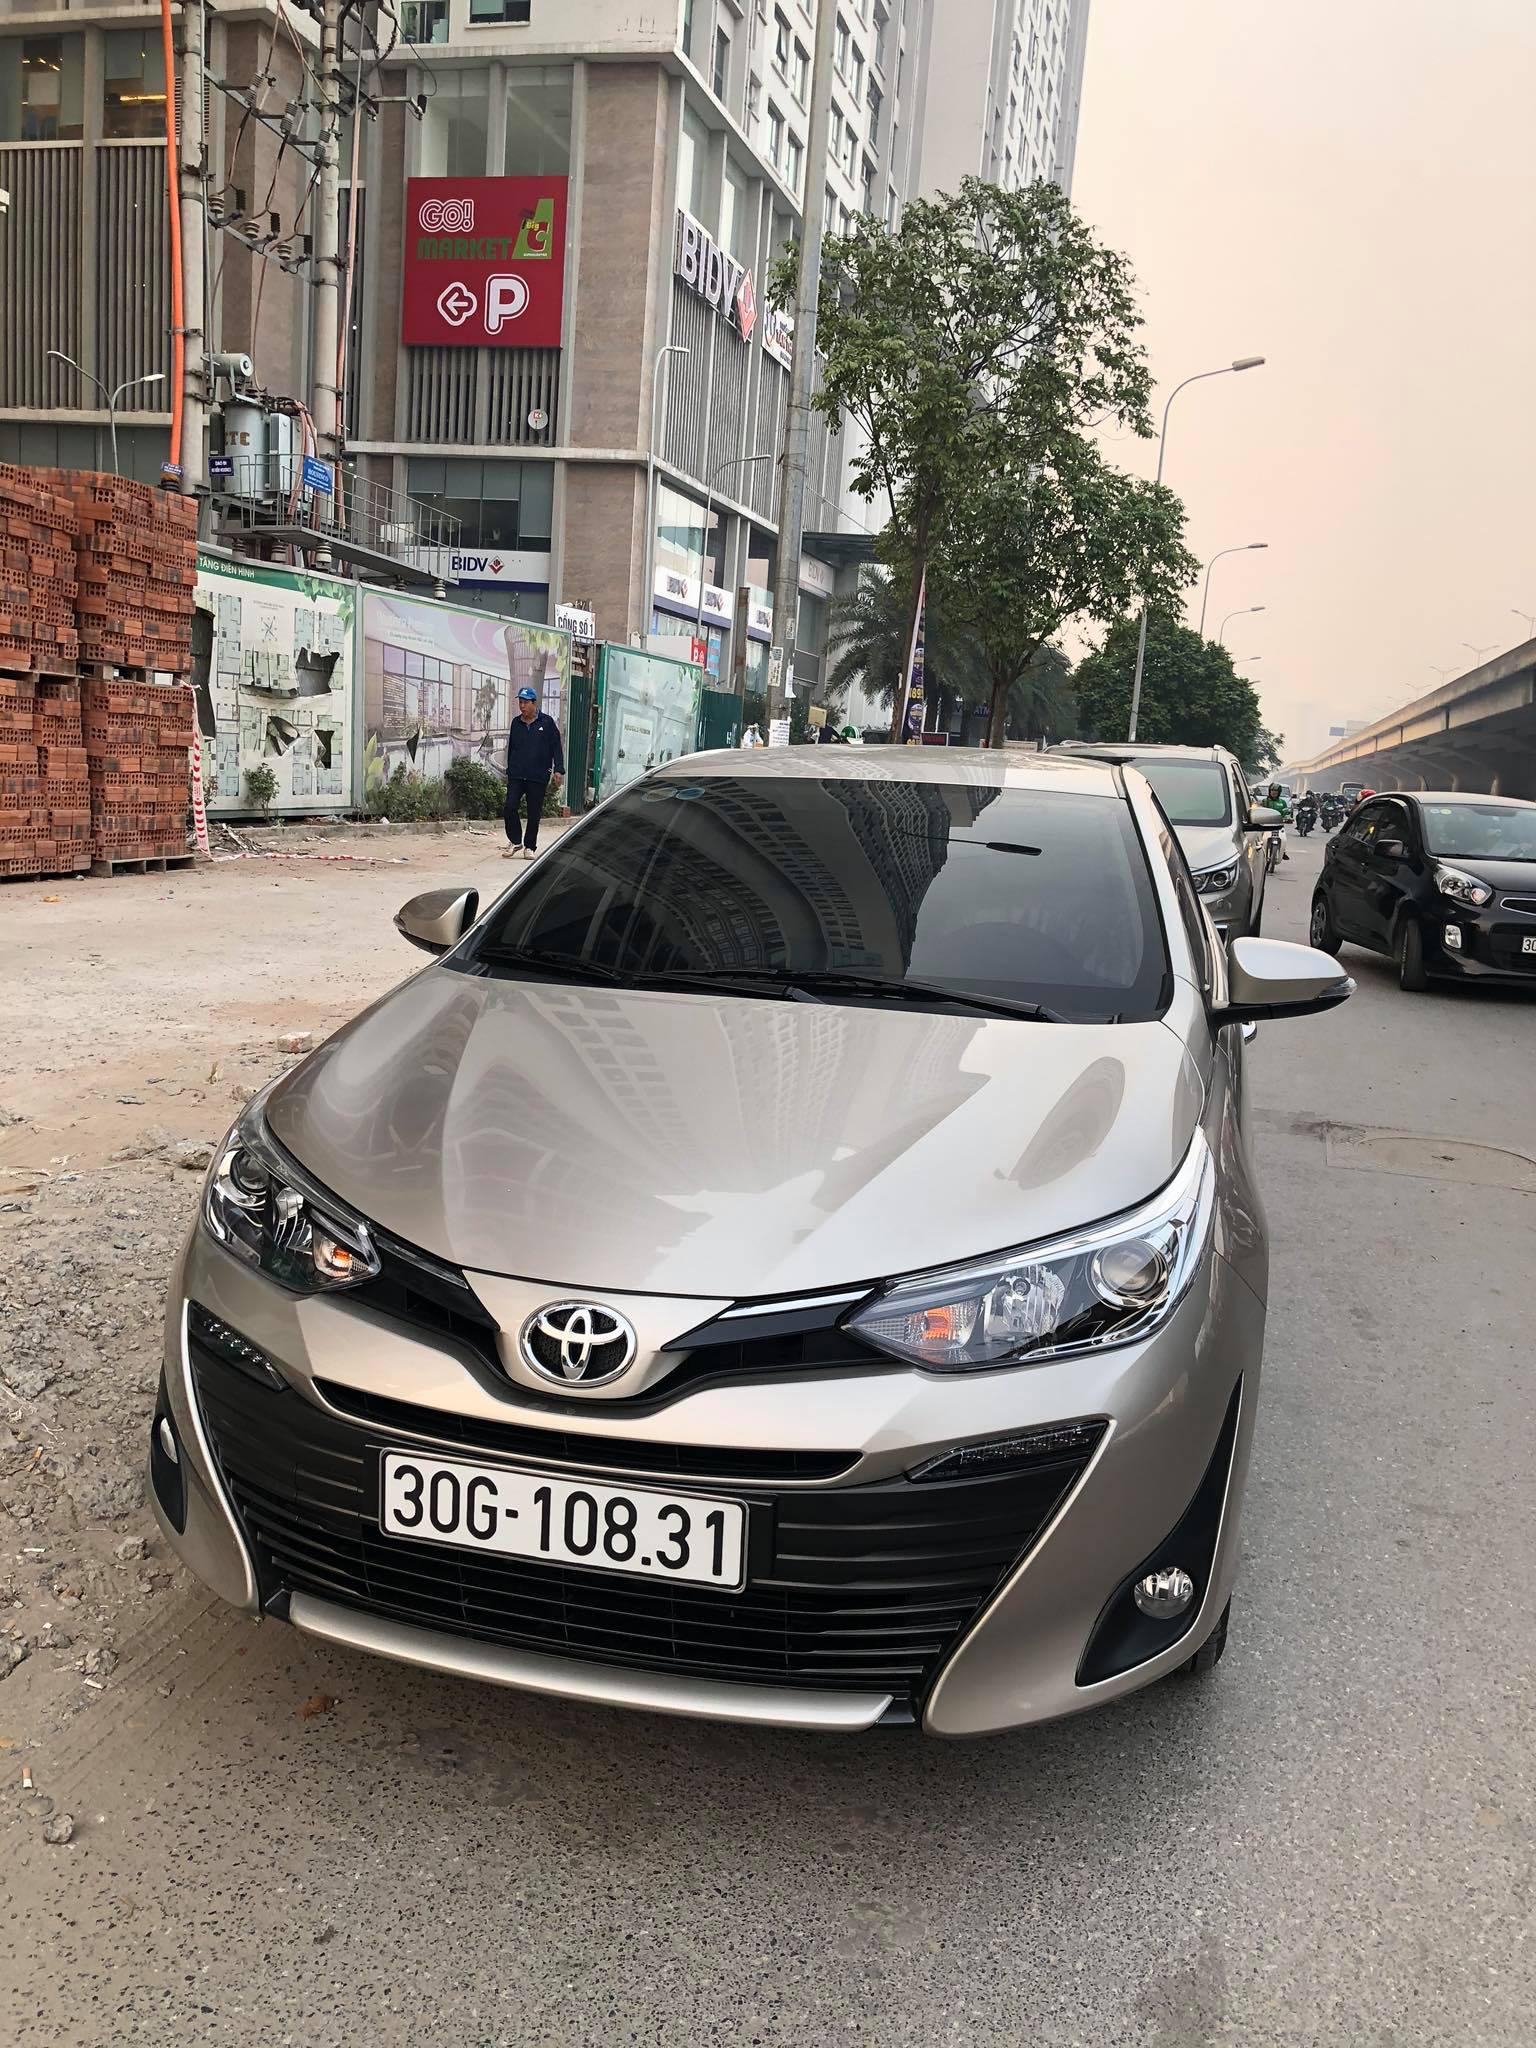 """""""Soi"""" xe Toyota Vios chạy dịch vụ 5 vạn km sau 1 năm, chất lượng có xuống cấp? - Ảnh 6."""